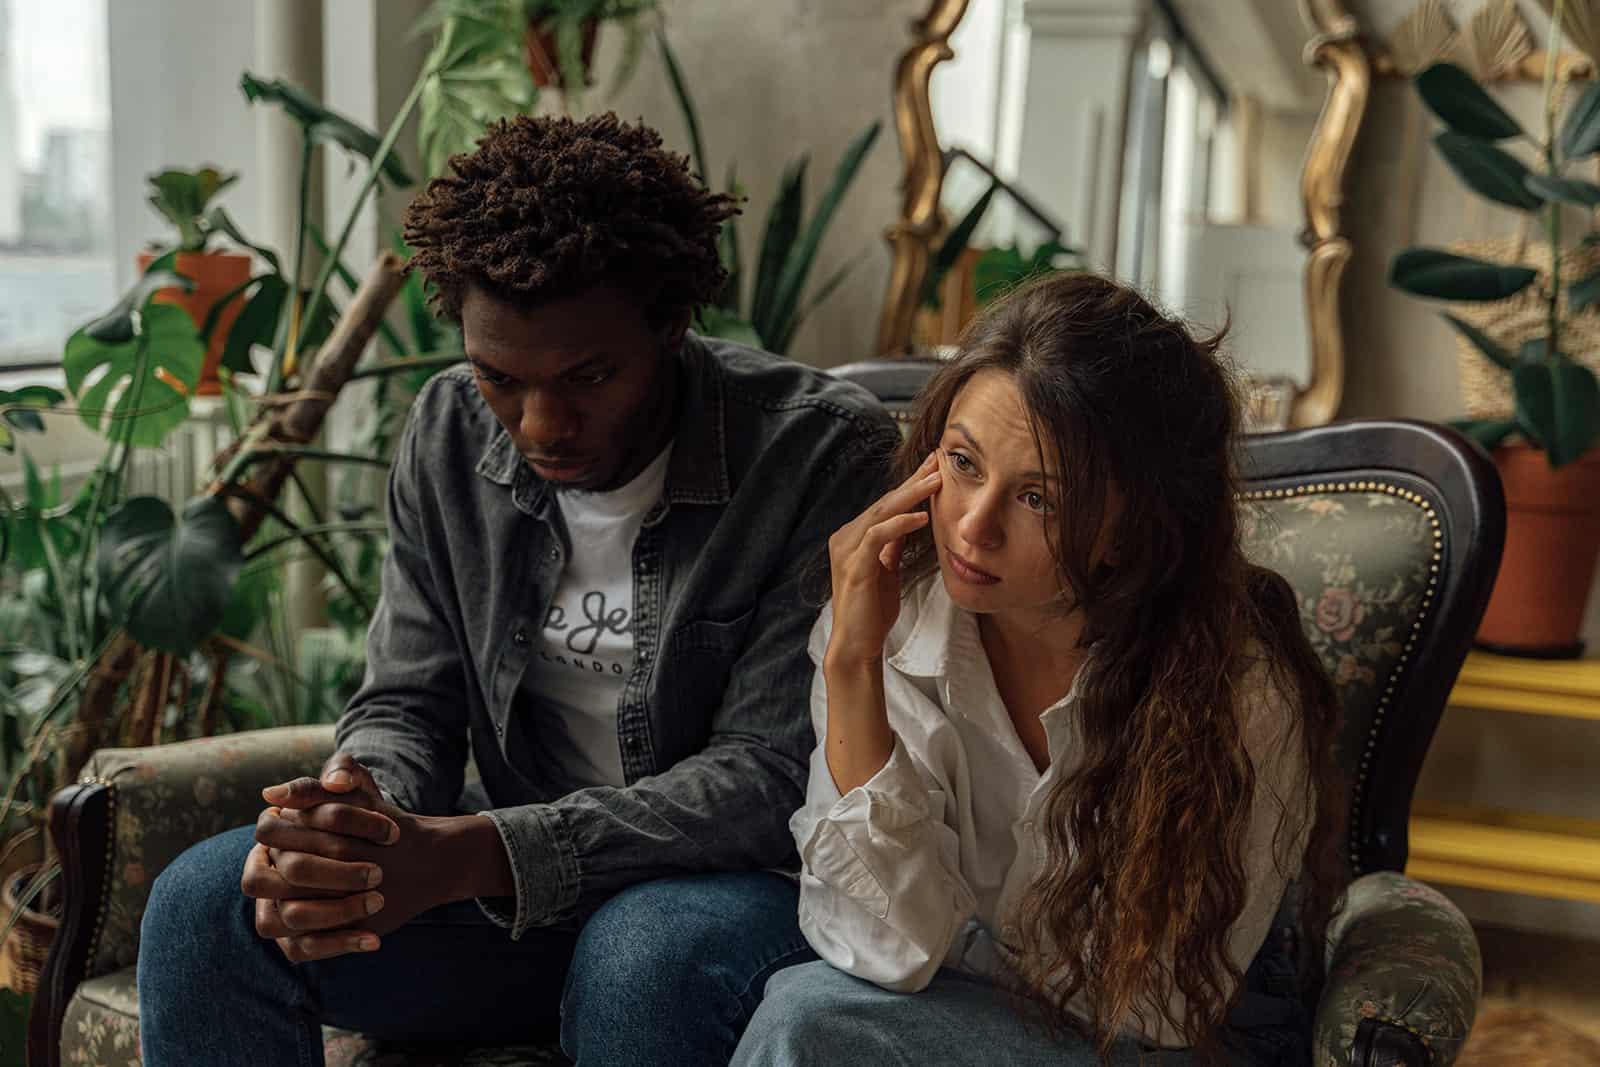 Ein Mann und eine Frau sitzen zusammen auf dem Sessel und sehen beide gelangweilt aus